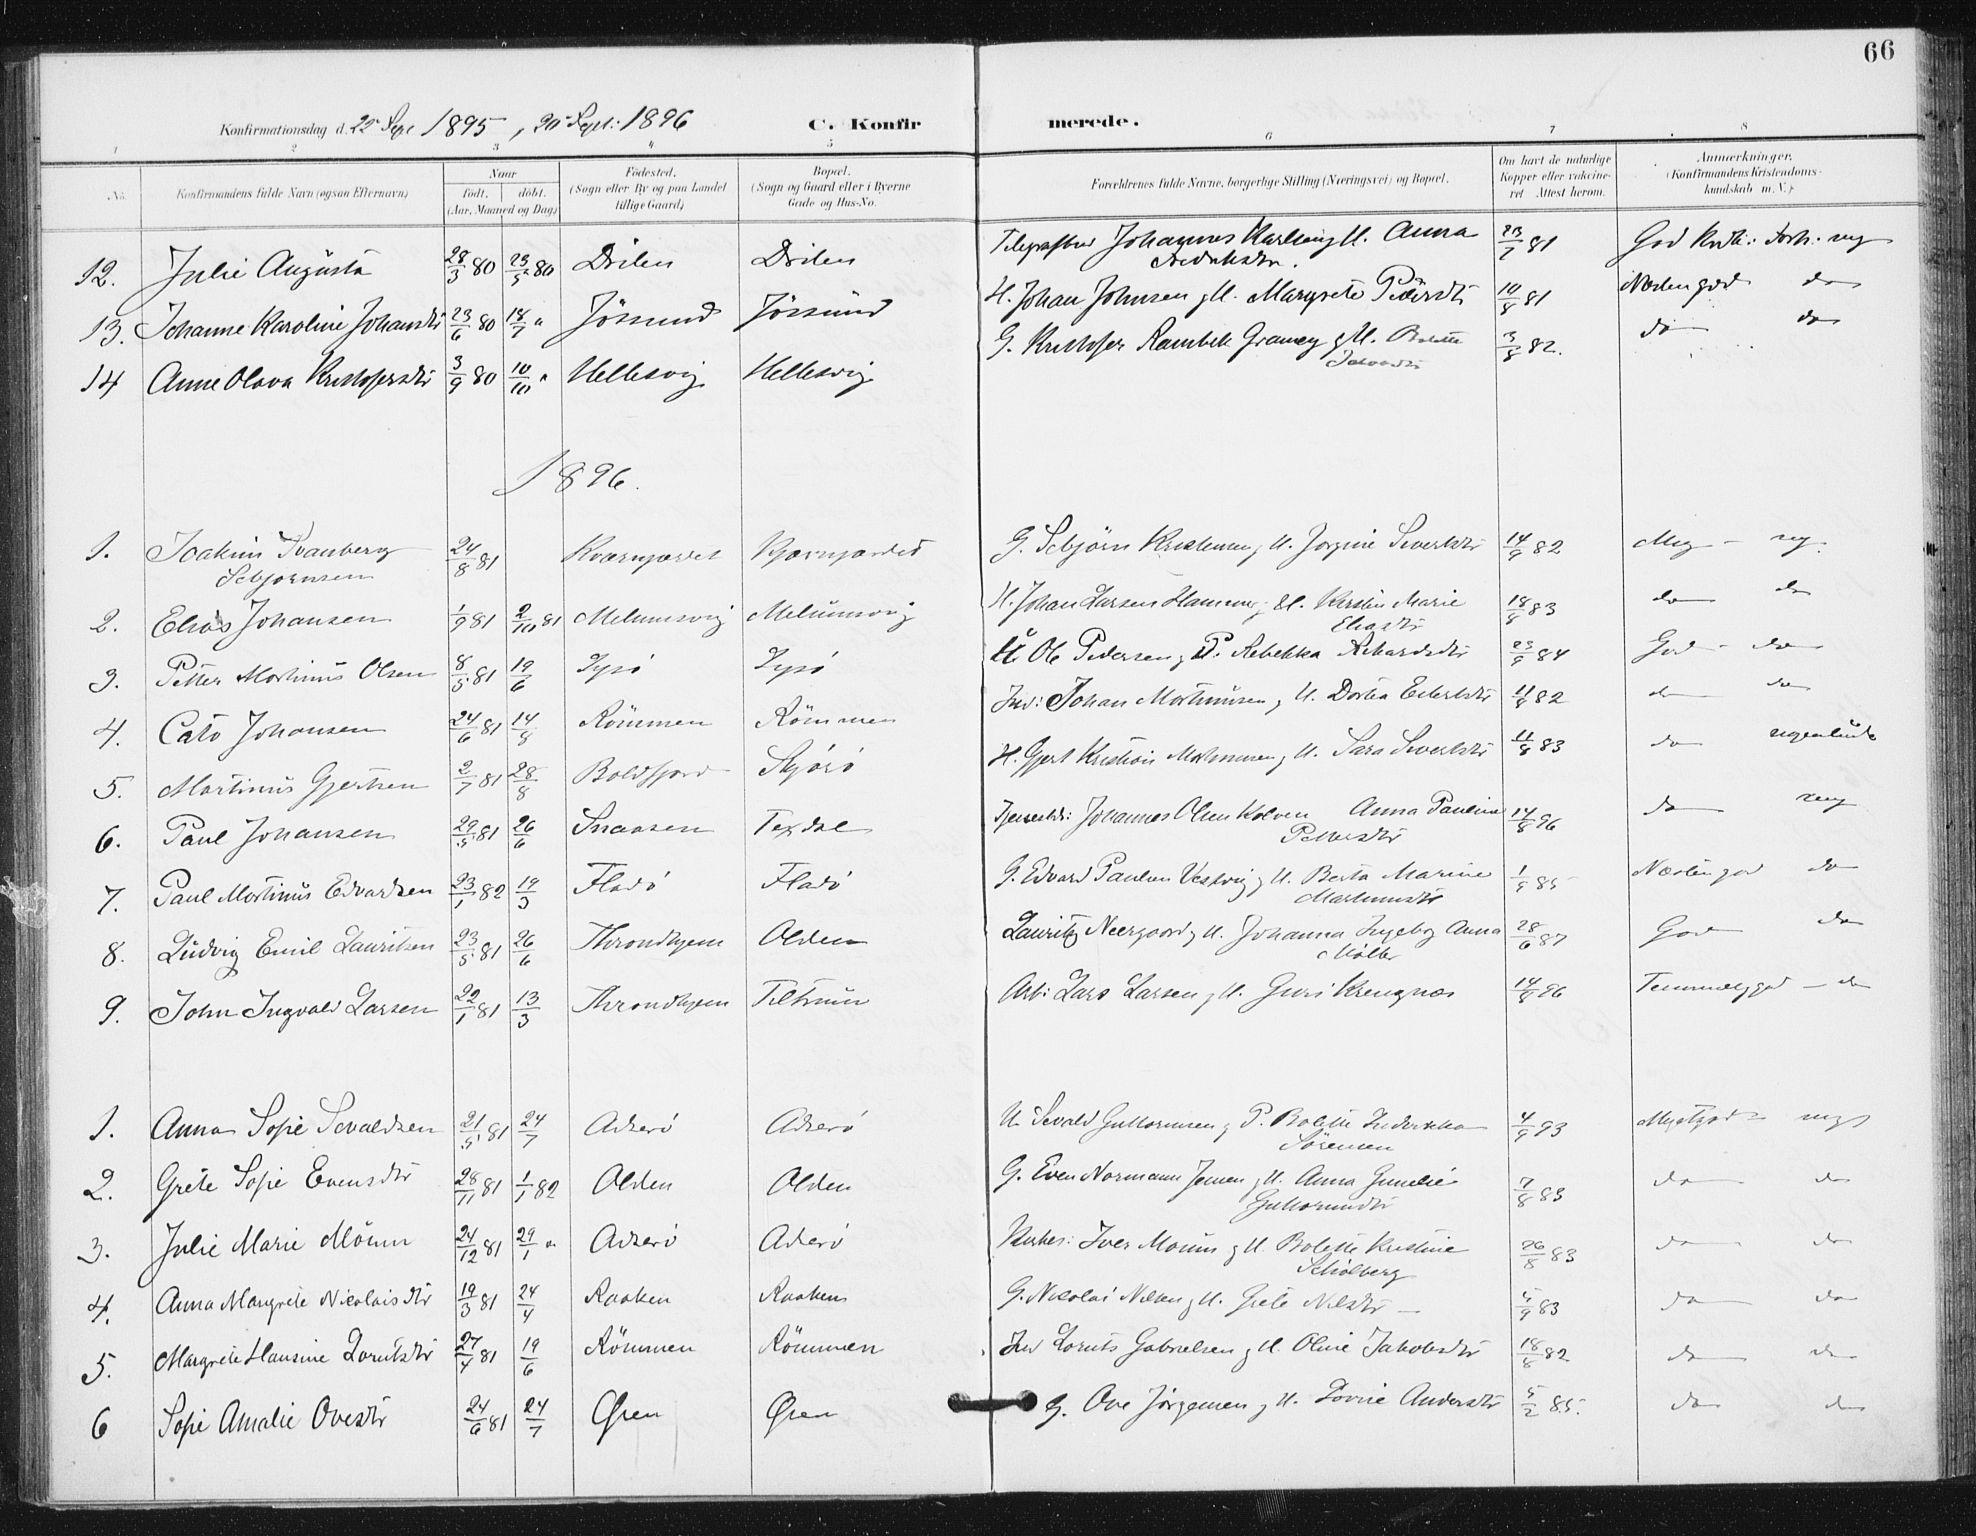 SAT, Ministerialprotokoller, klokkerbøker og fødselsregistre - Sør-Trøndelag, 654/L0664: Ministerialbok nr. 654A02, 1895-1907, s. 66